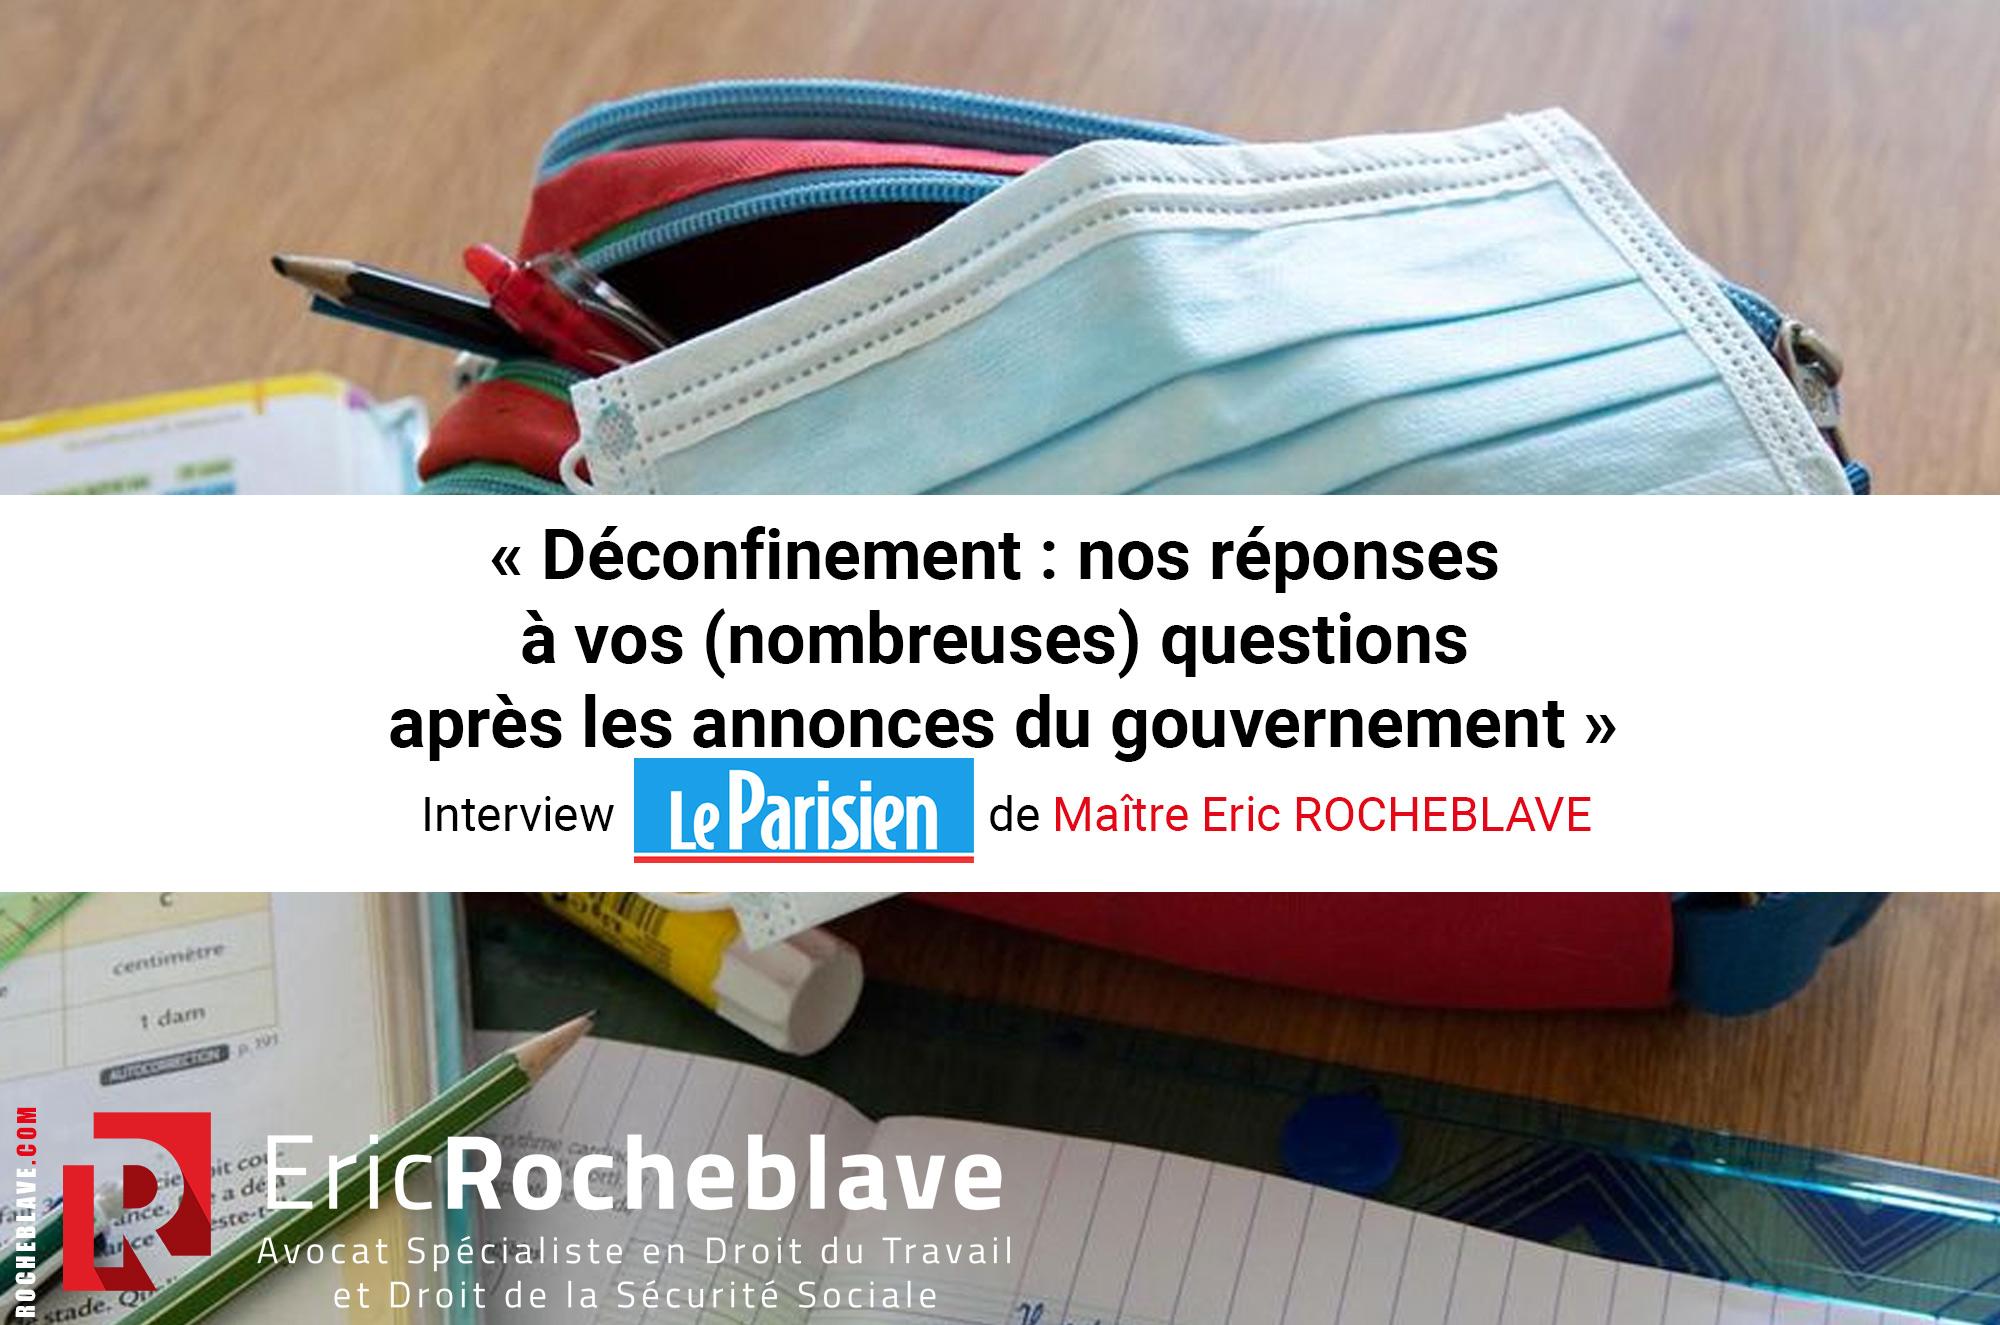 « Déconfinement : nos réponses à vos (nombreuses) questions après les annonces du gouvernement » Interview Le Parisien de Maître Eric ROCHEBLAVE